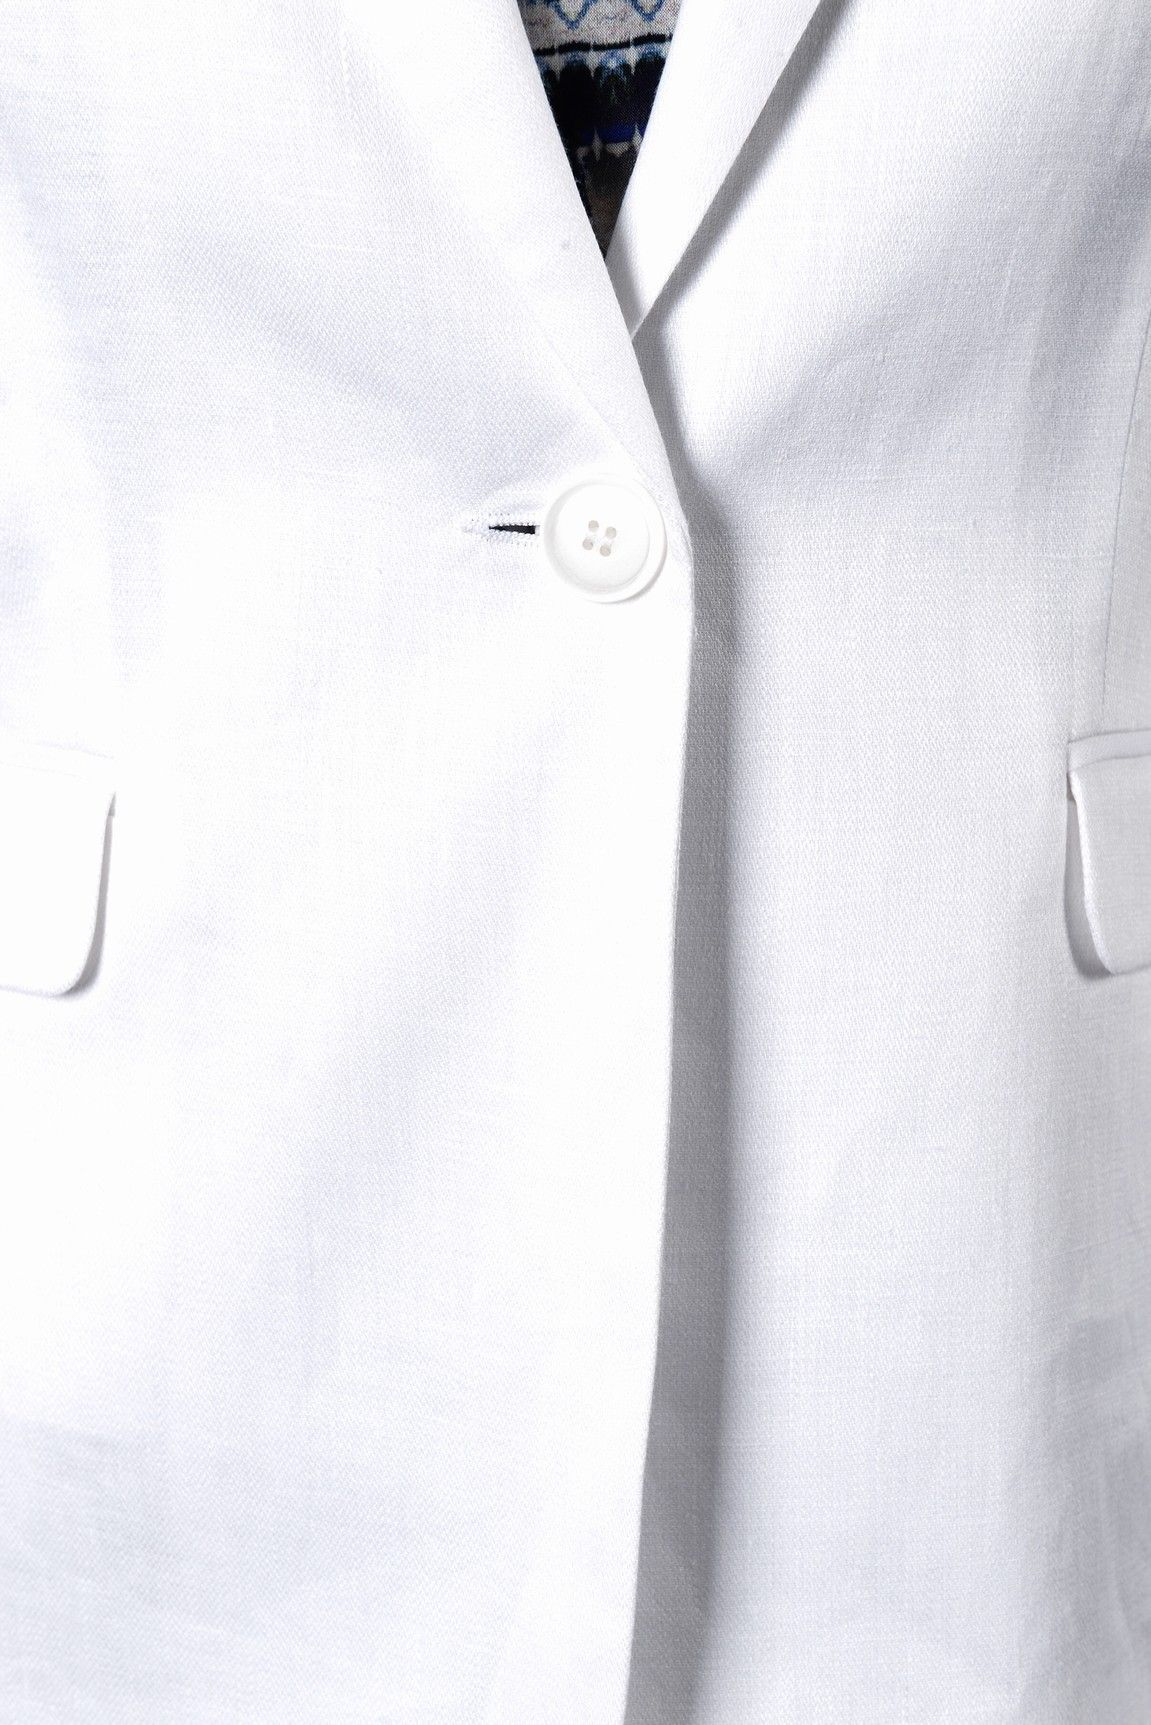 af39c28d22a6 Panache veste ml - Antonelle Réf   17VE5990 Veste en lin col tailleur  PANACHE 1 bouton